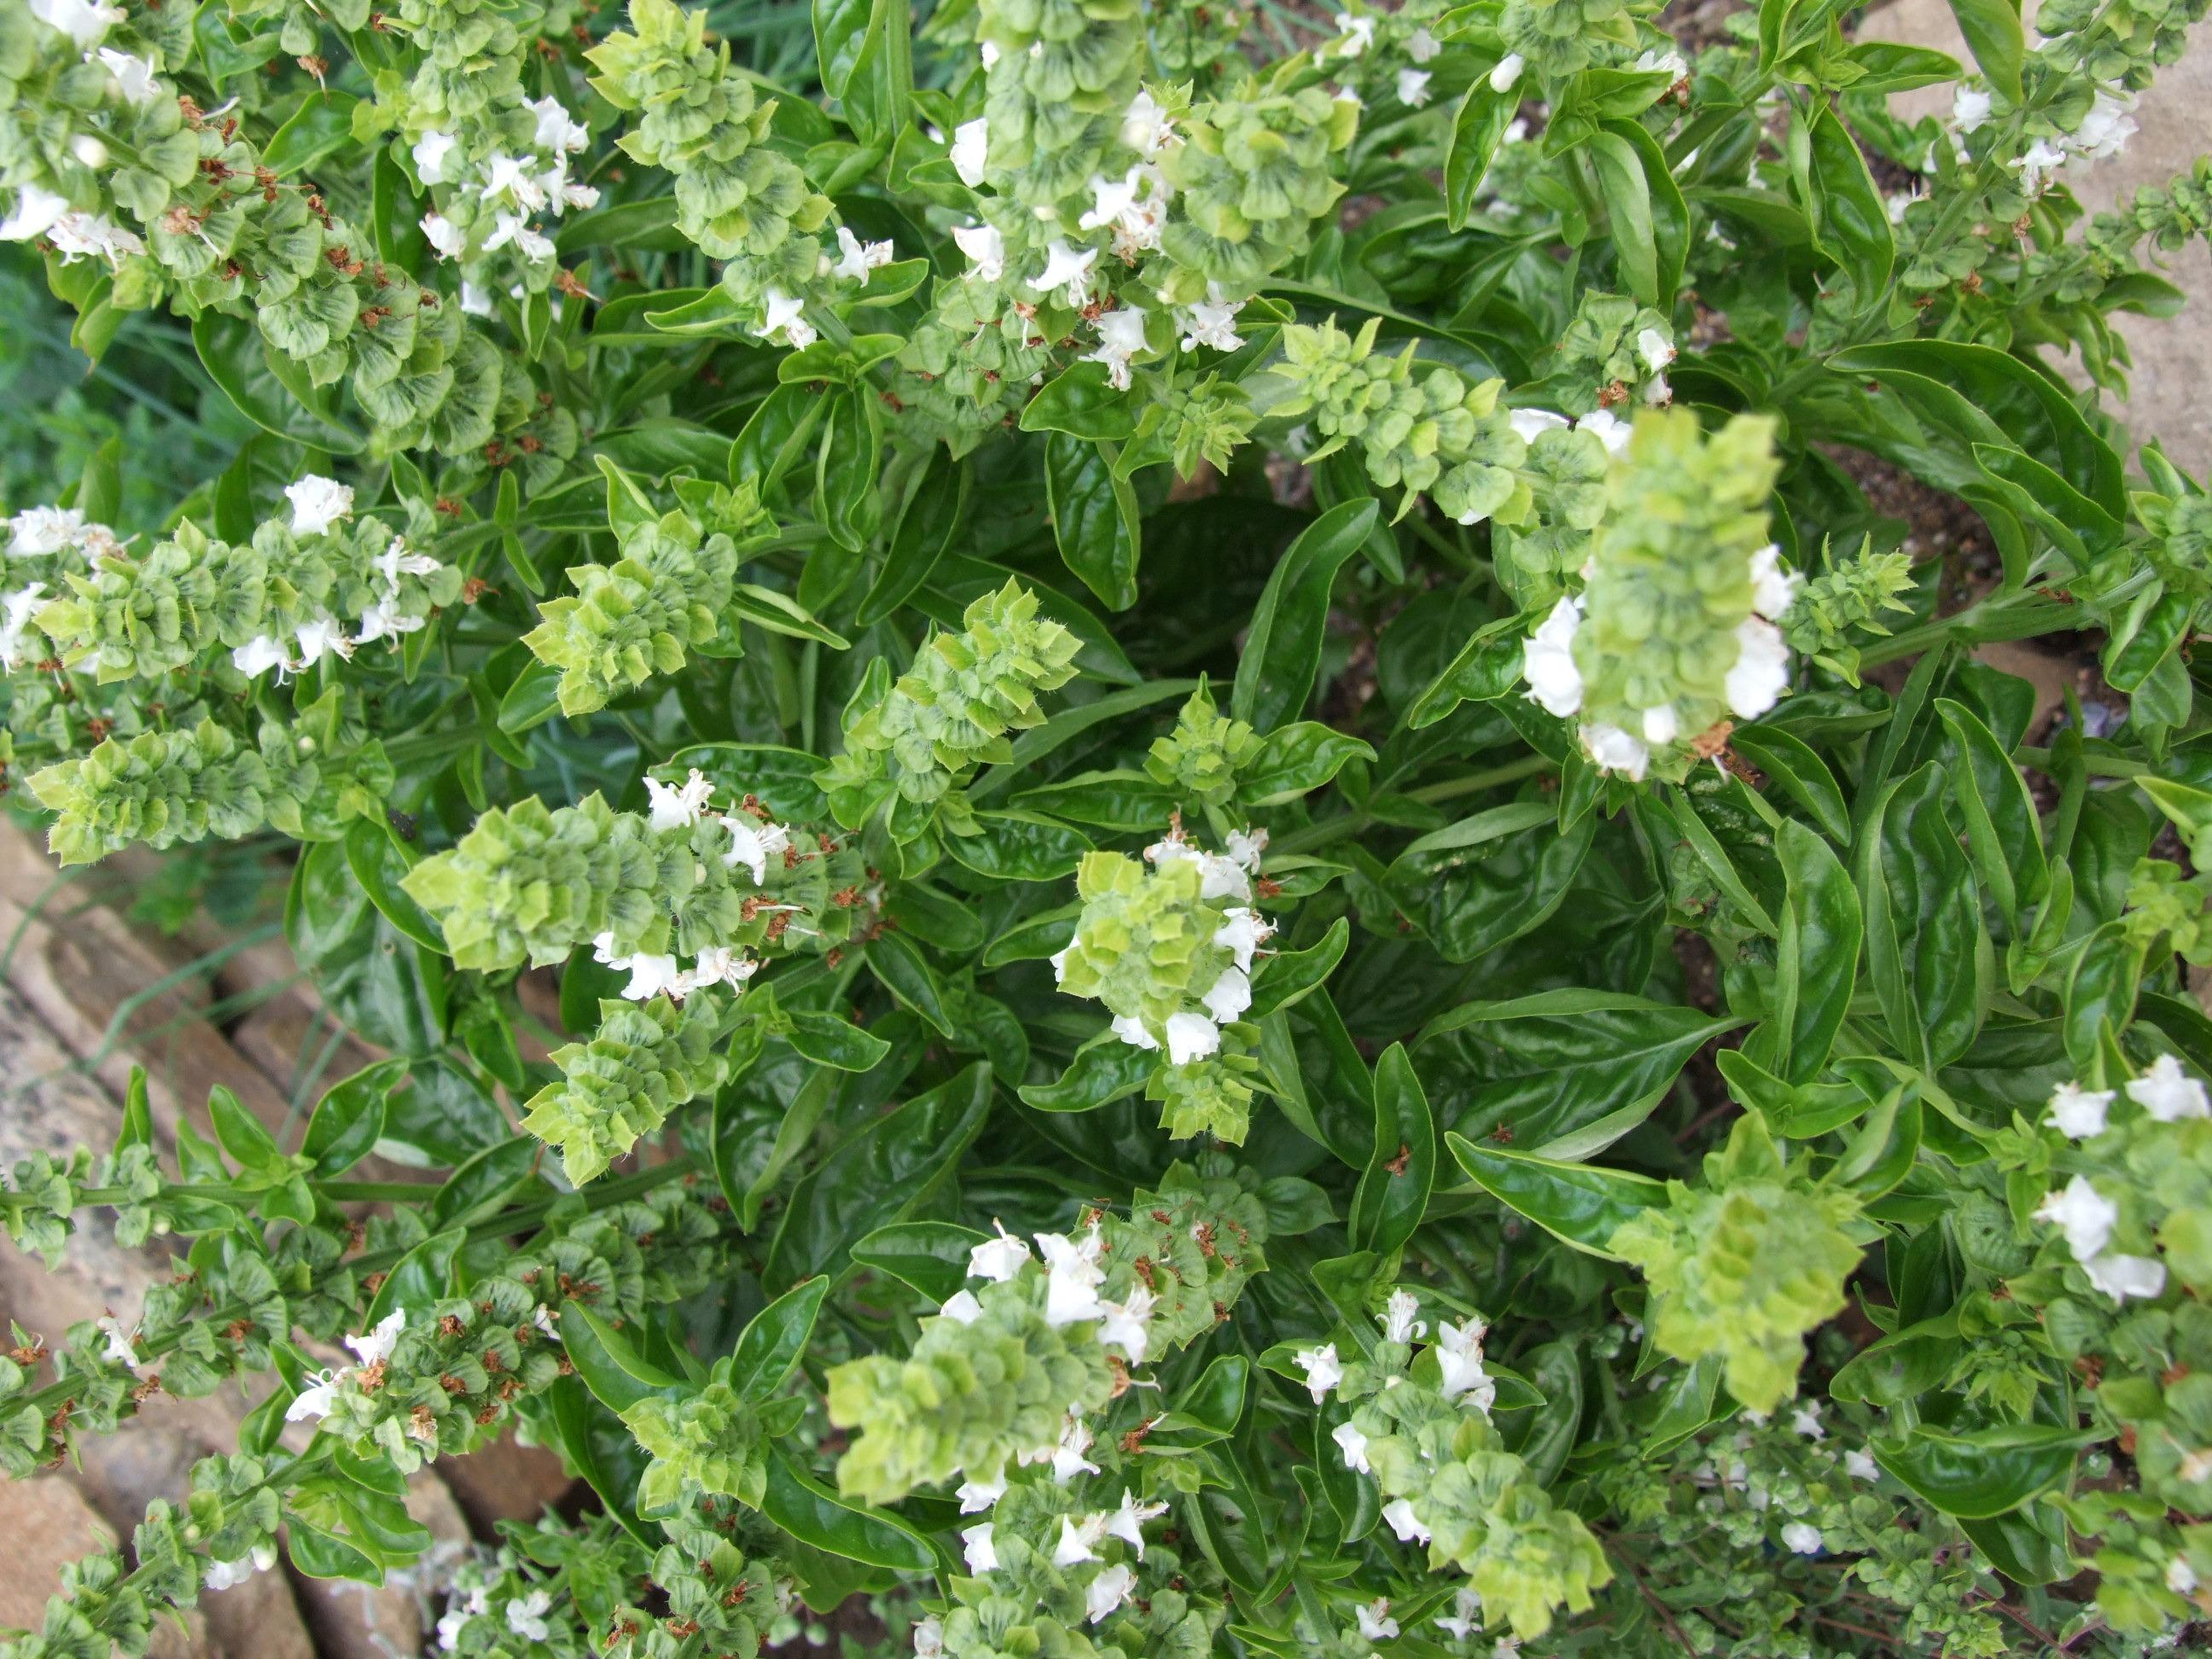 gratis billeder blomst urt fremstille basilikum busk krydderier anthriscus blomstrende. Black Bedroom Furniture Sets. Home Design Ideas